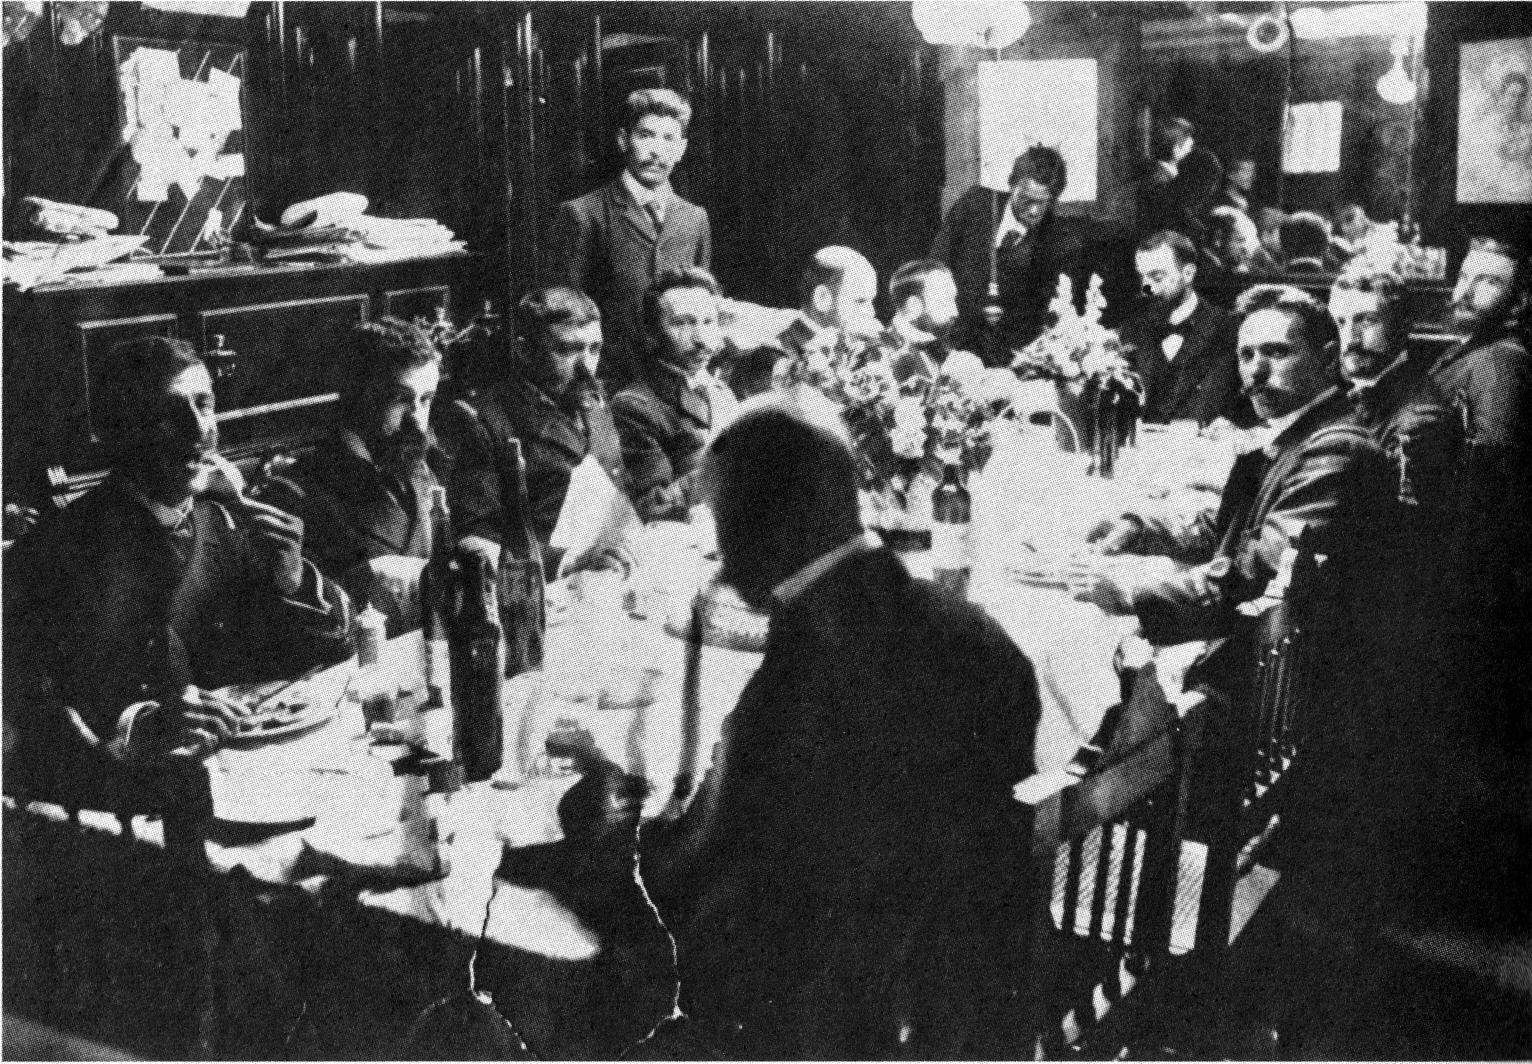 Γεύμα στο καρρέ αξιωματικών του «Μιαούλη». Από αριστερά προς τα δεξιά: στην 5η και 6η θέση οι κερκυραίοι υποπλοίαρχοι Βούλγαρης και Γιωτόπουλος και στη 10η ο ανθυποπλοίαρχος Λοπρέστης.